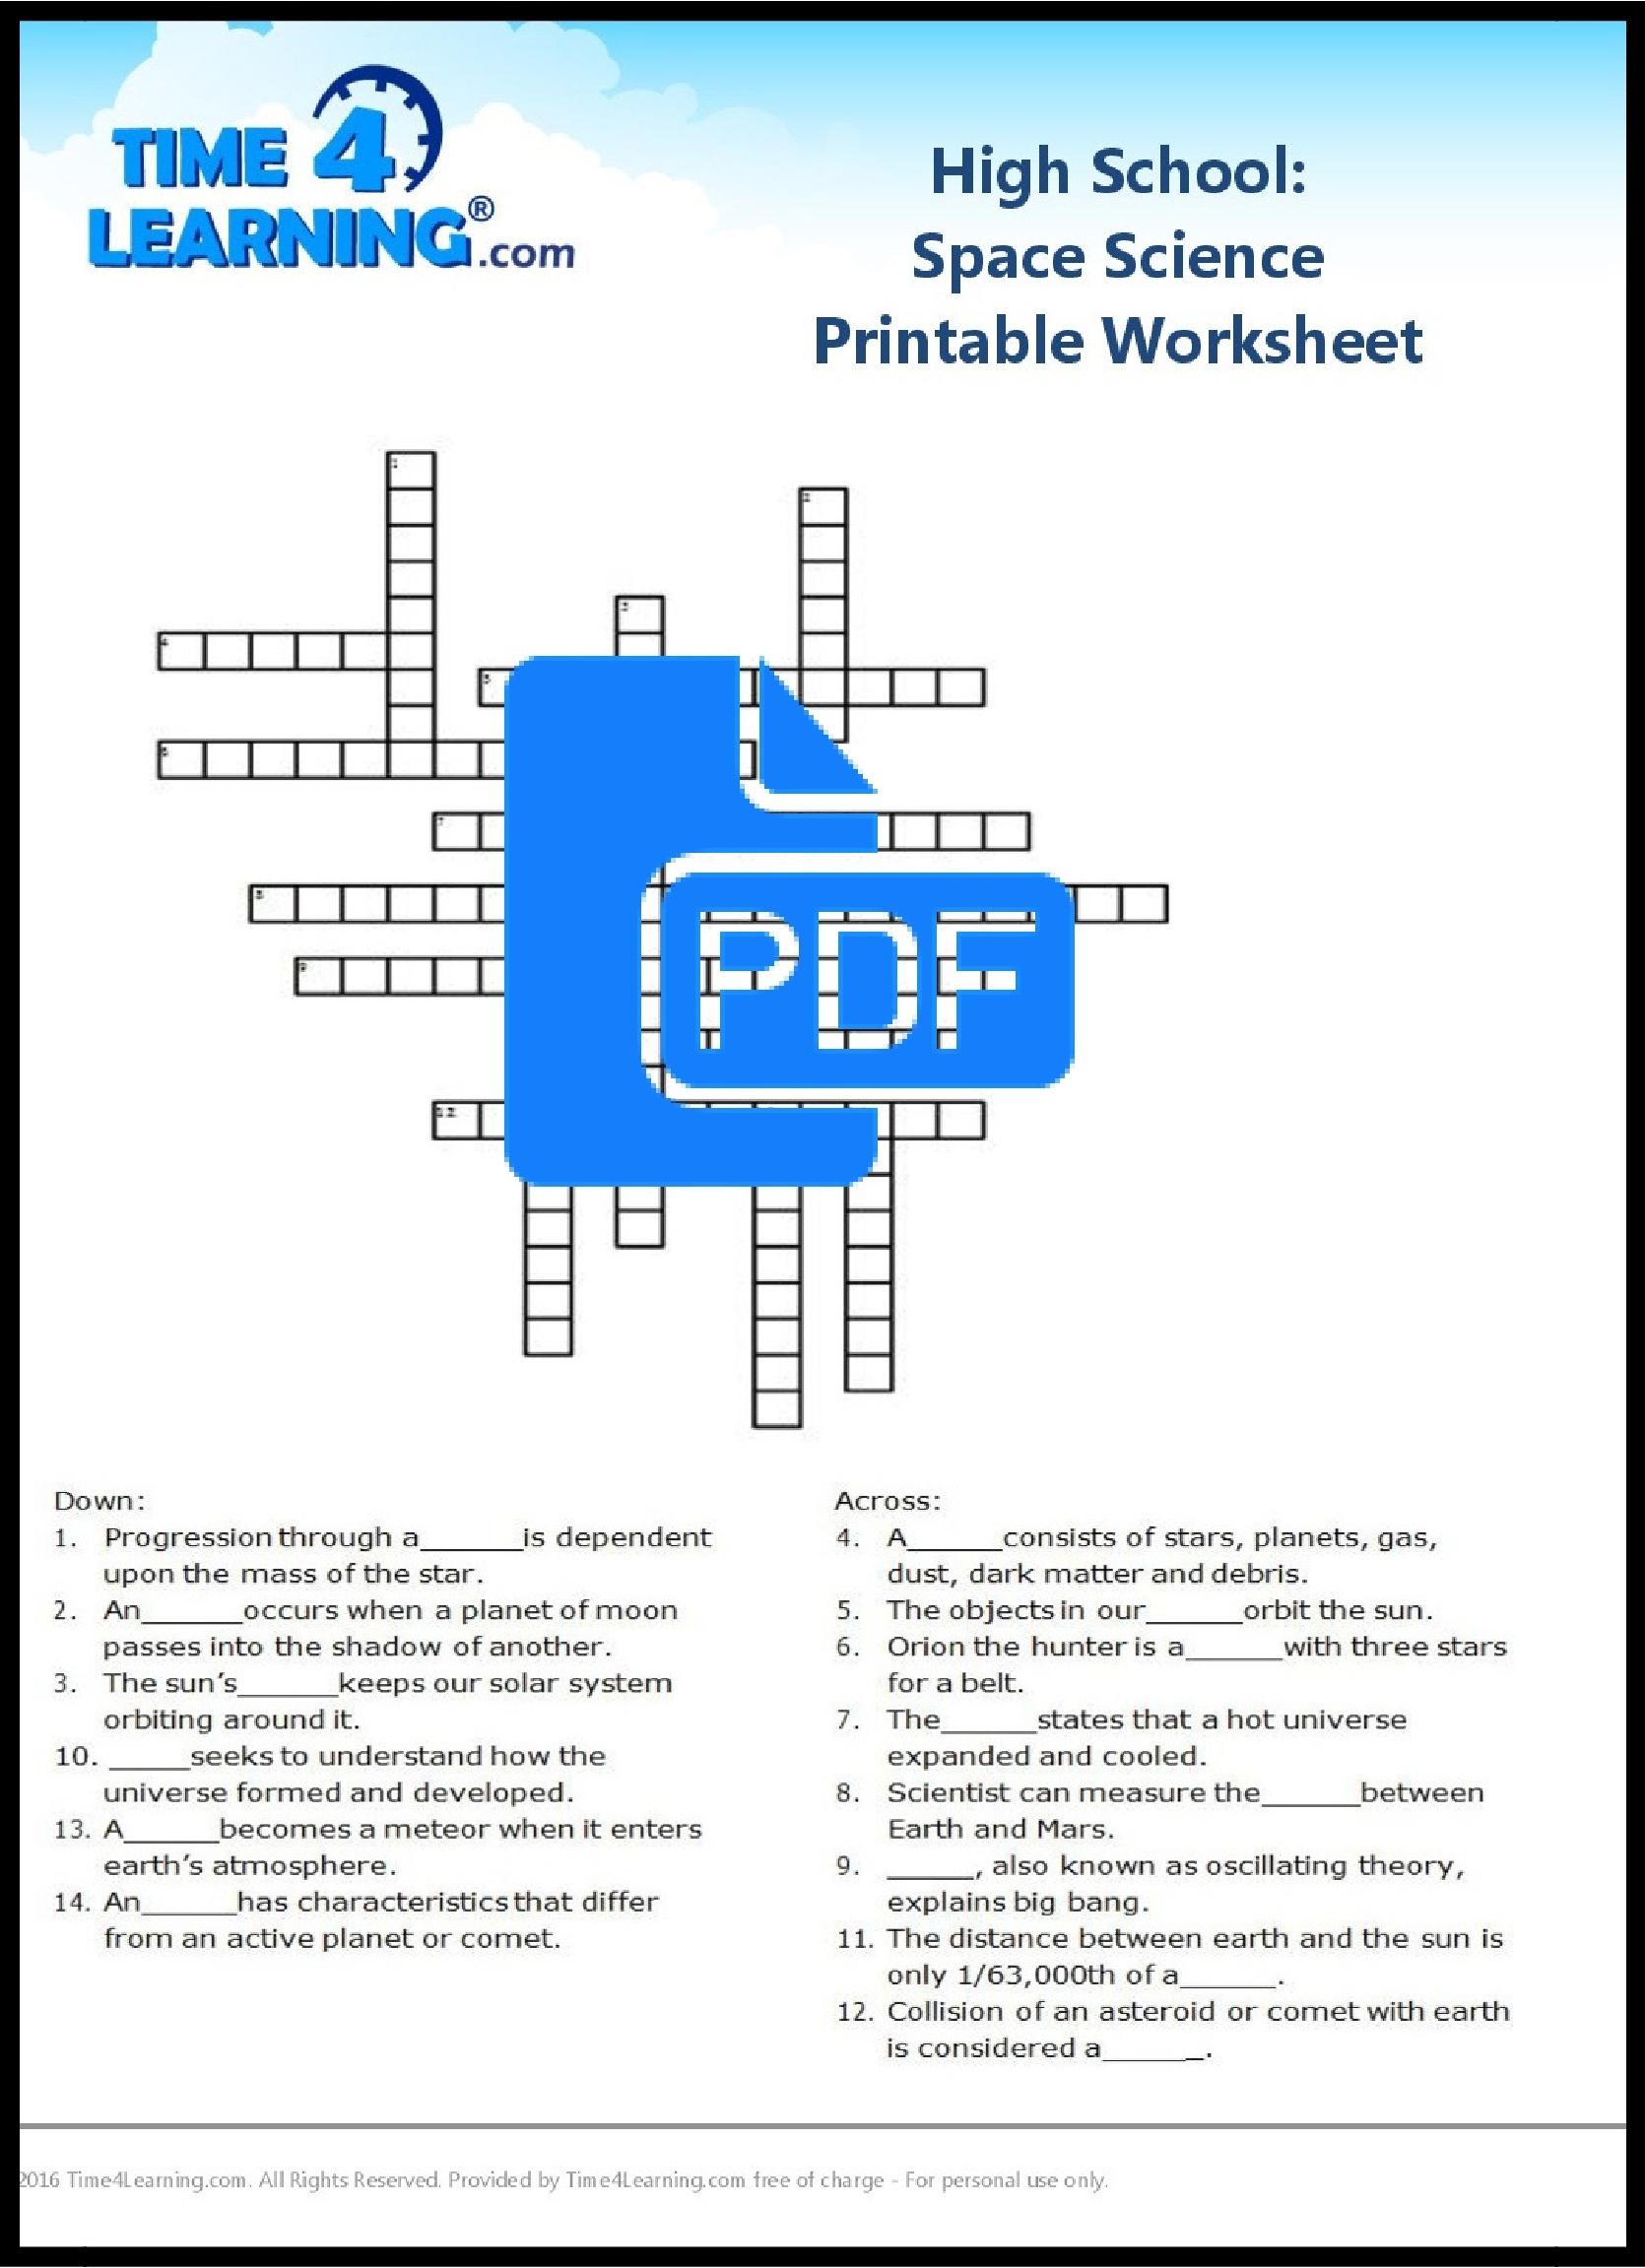 Resume Worksheet Printable And High School Builder Free